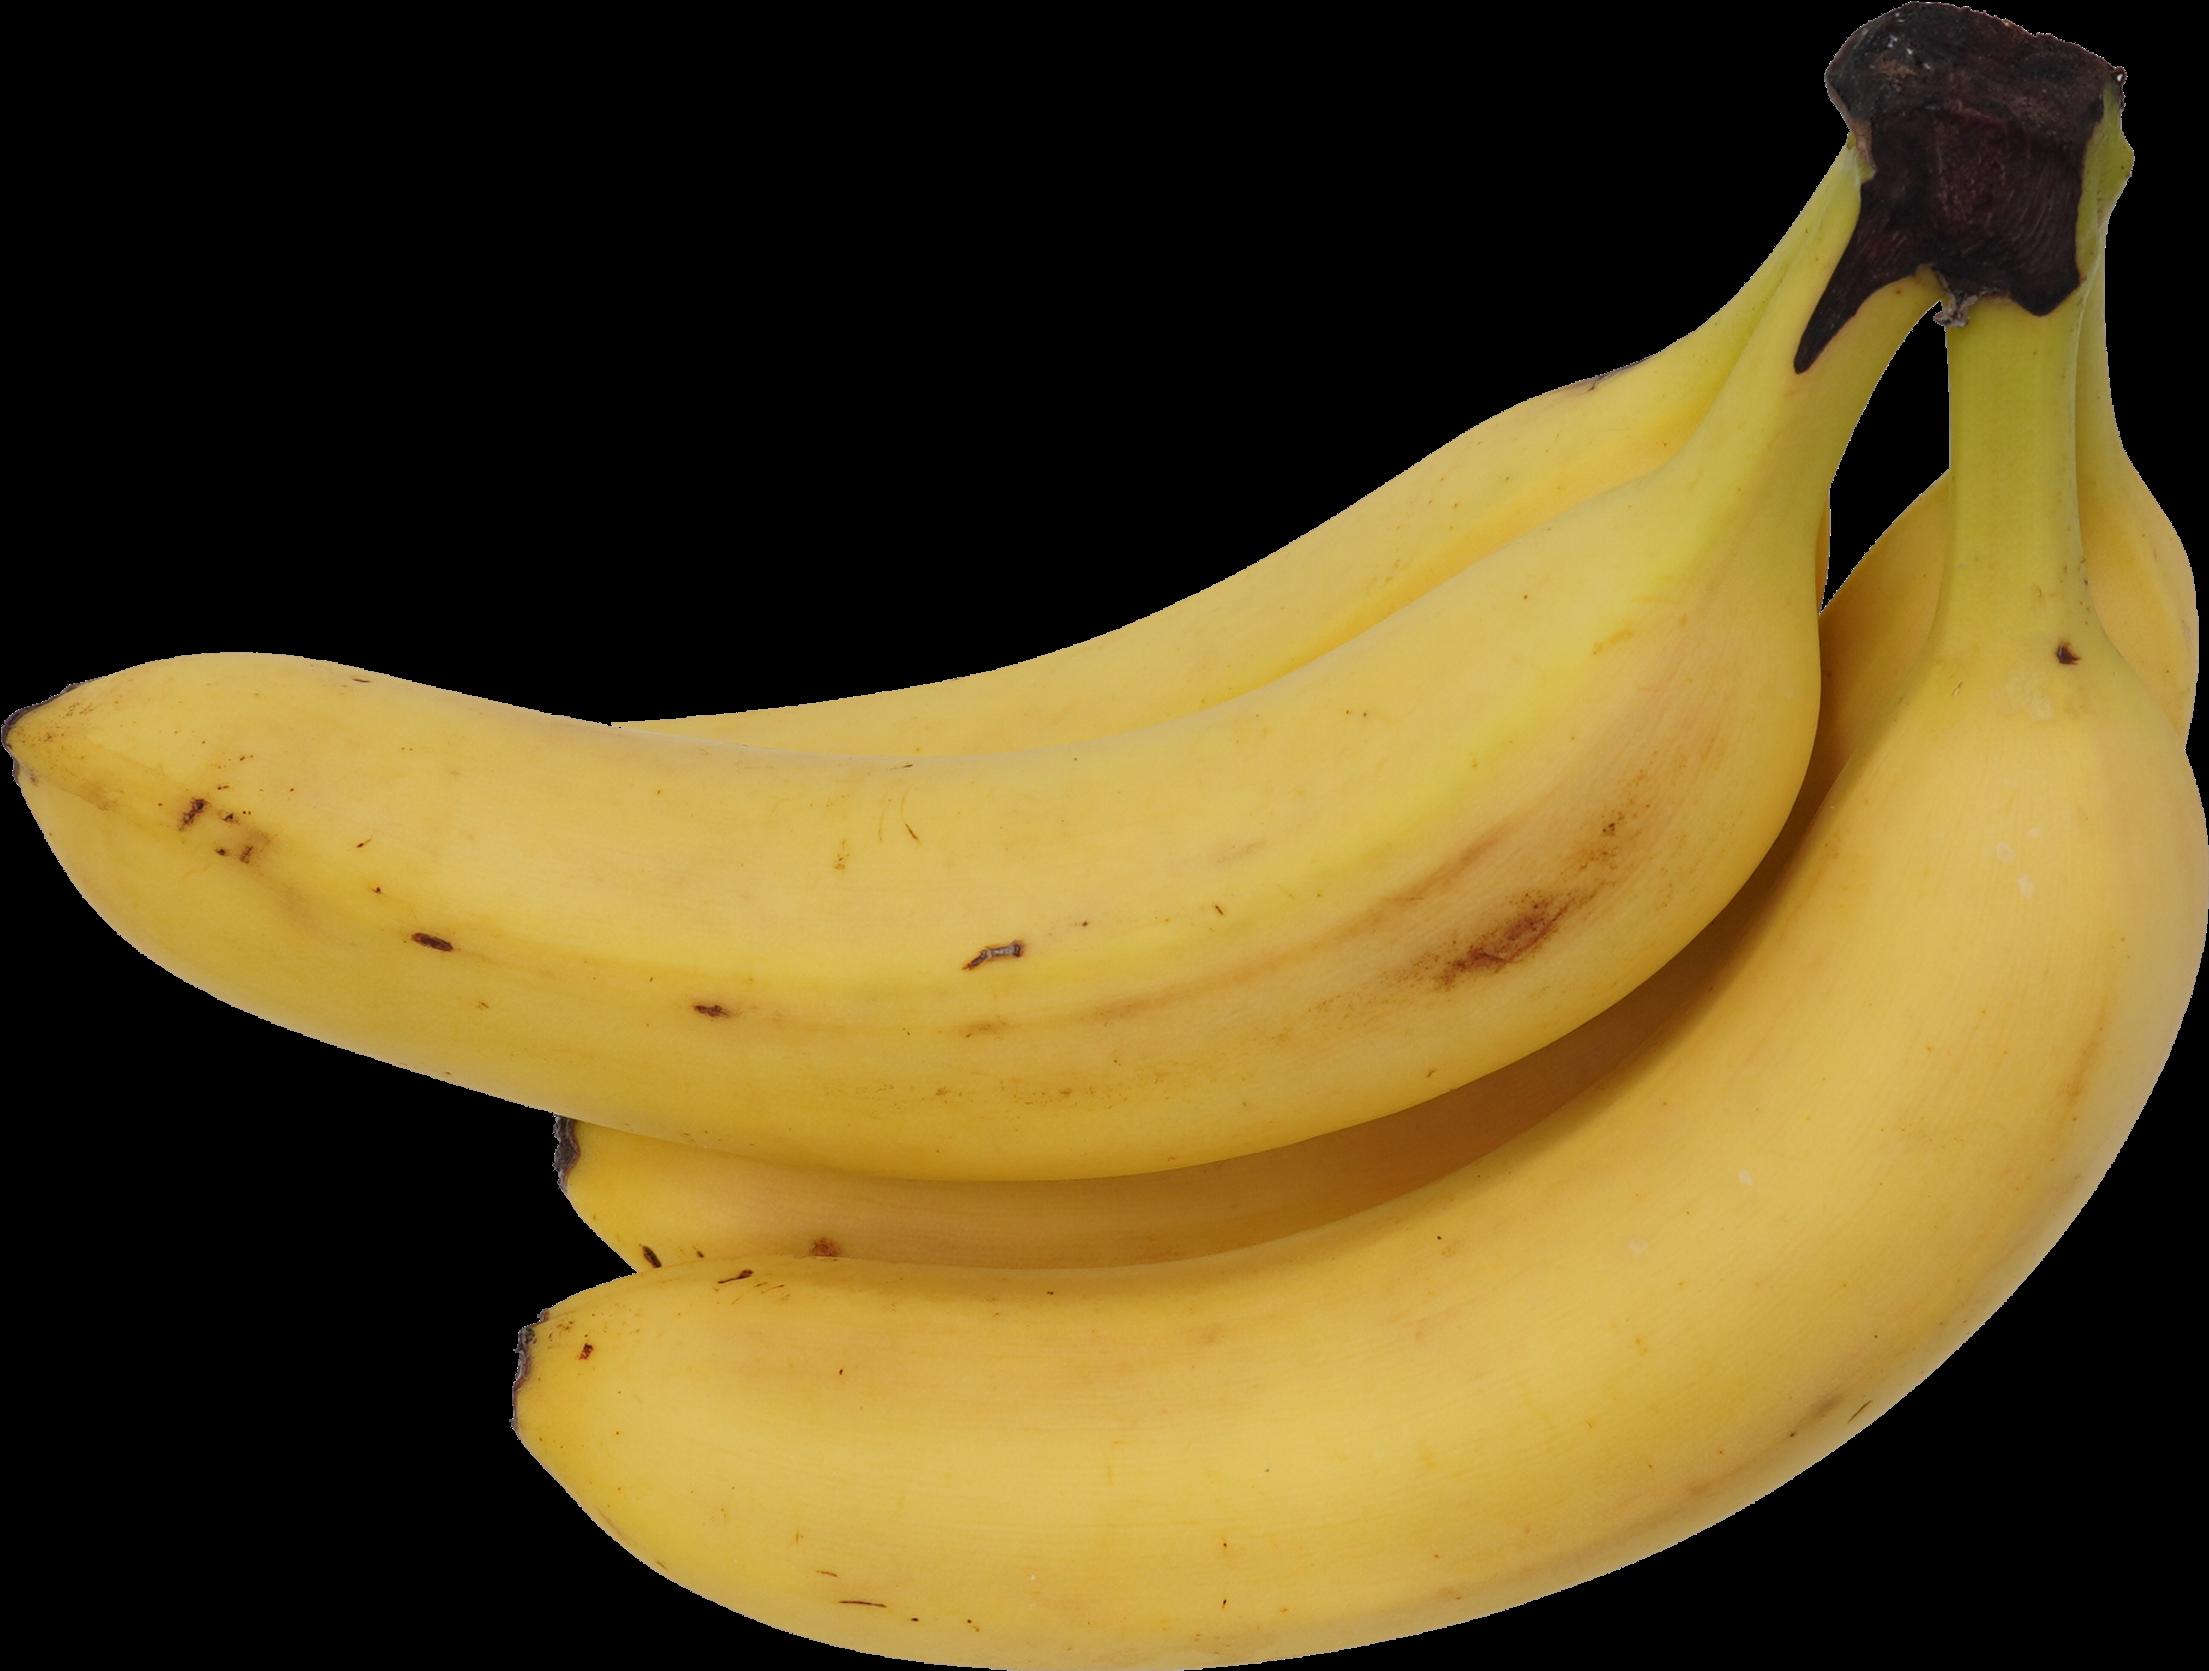 バナナ|商用可フリー画像・背景透過